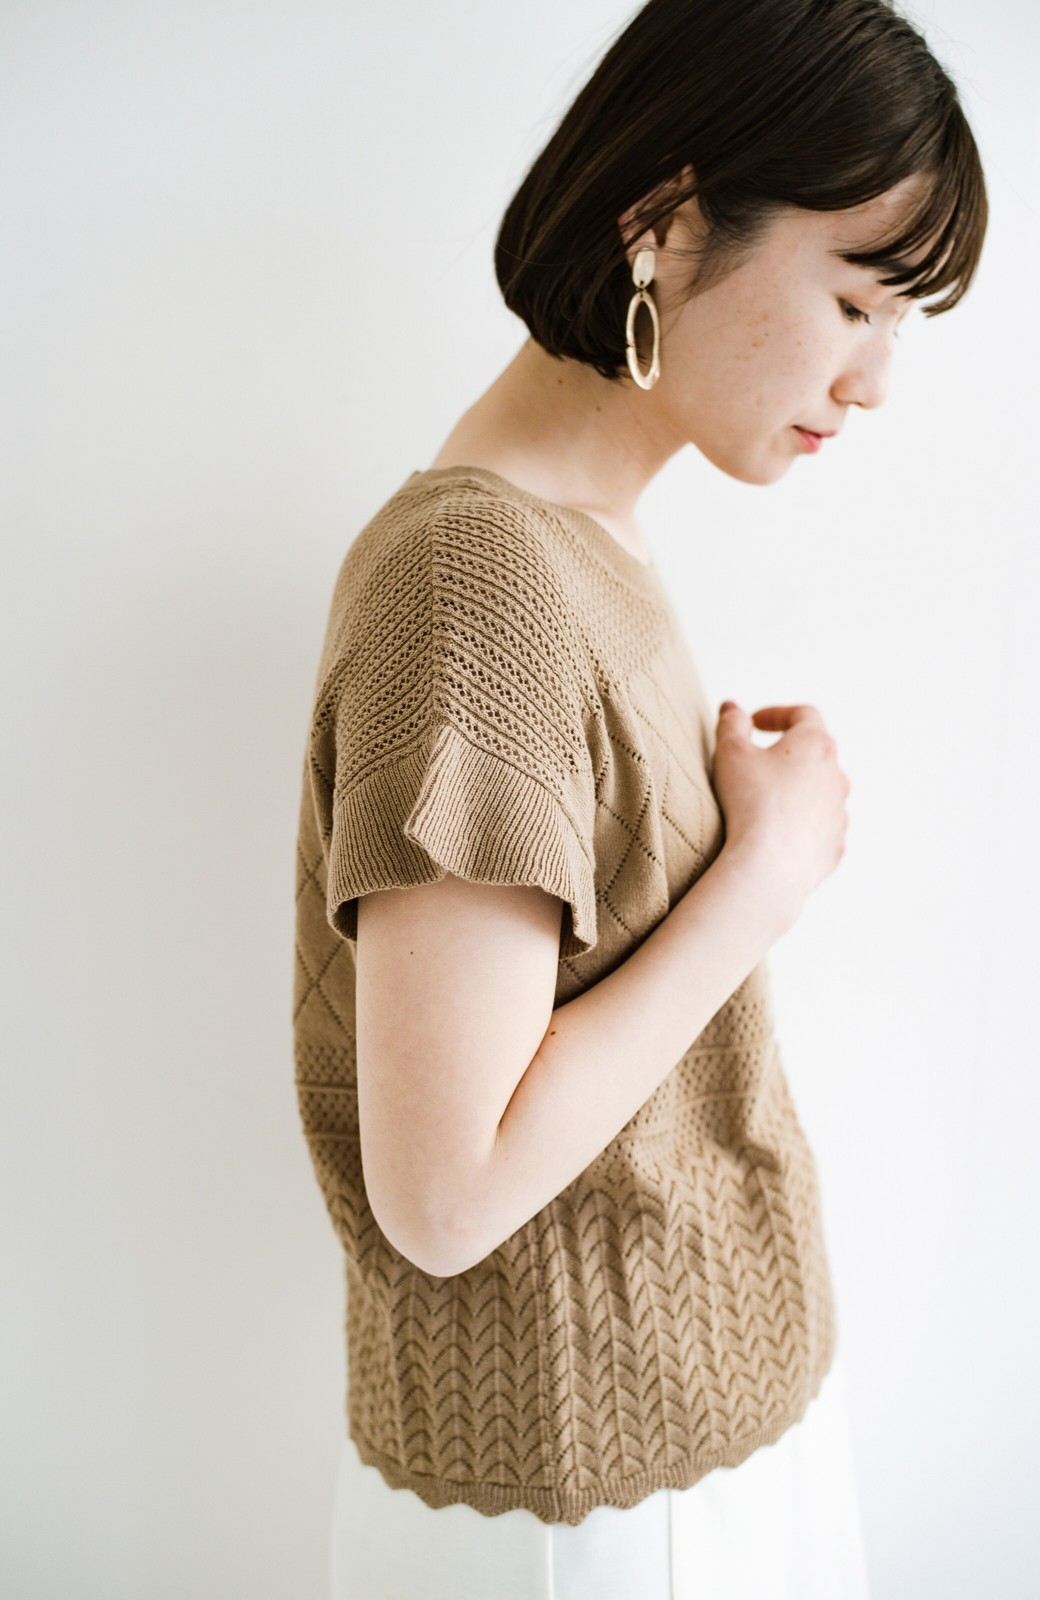 haco! (φ)透けすぎないから安心して着られる 華やか透かし編みニットトップス <カーキブラウン>の商品写真9